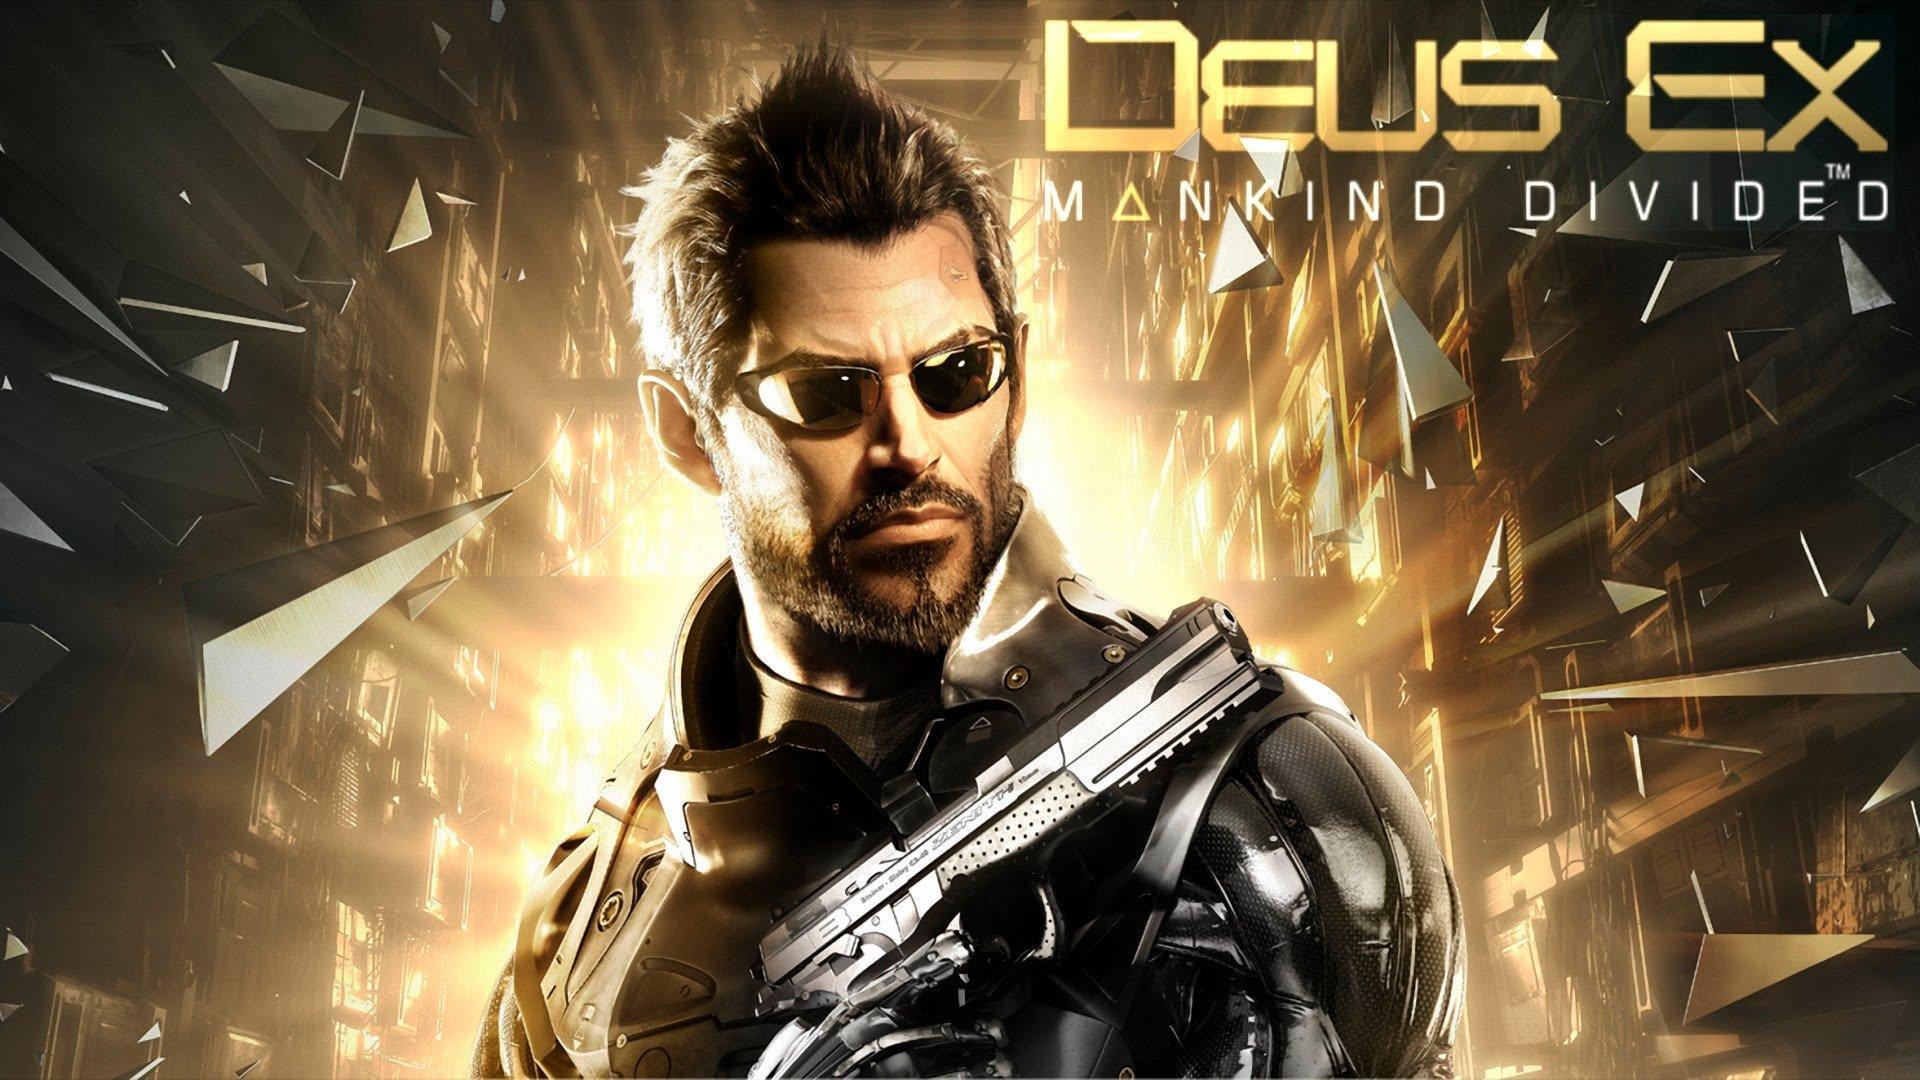 Выход игры Deus Ex: Mankind Divided перенесен - Изображение 1